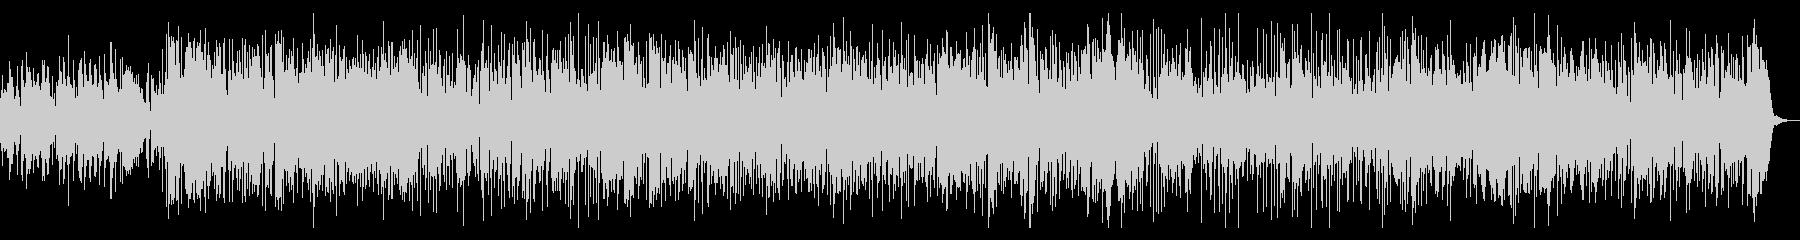 ソロの楽器が入れ替わるスムースジャズの未再生の波形